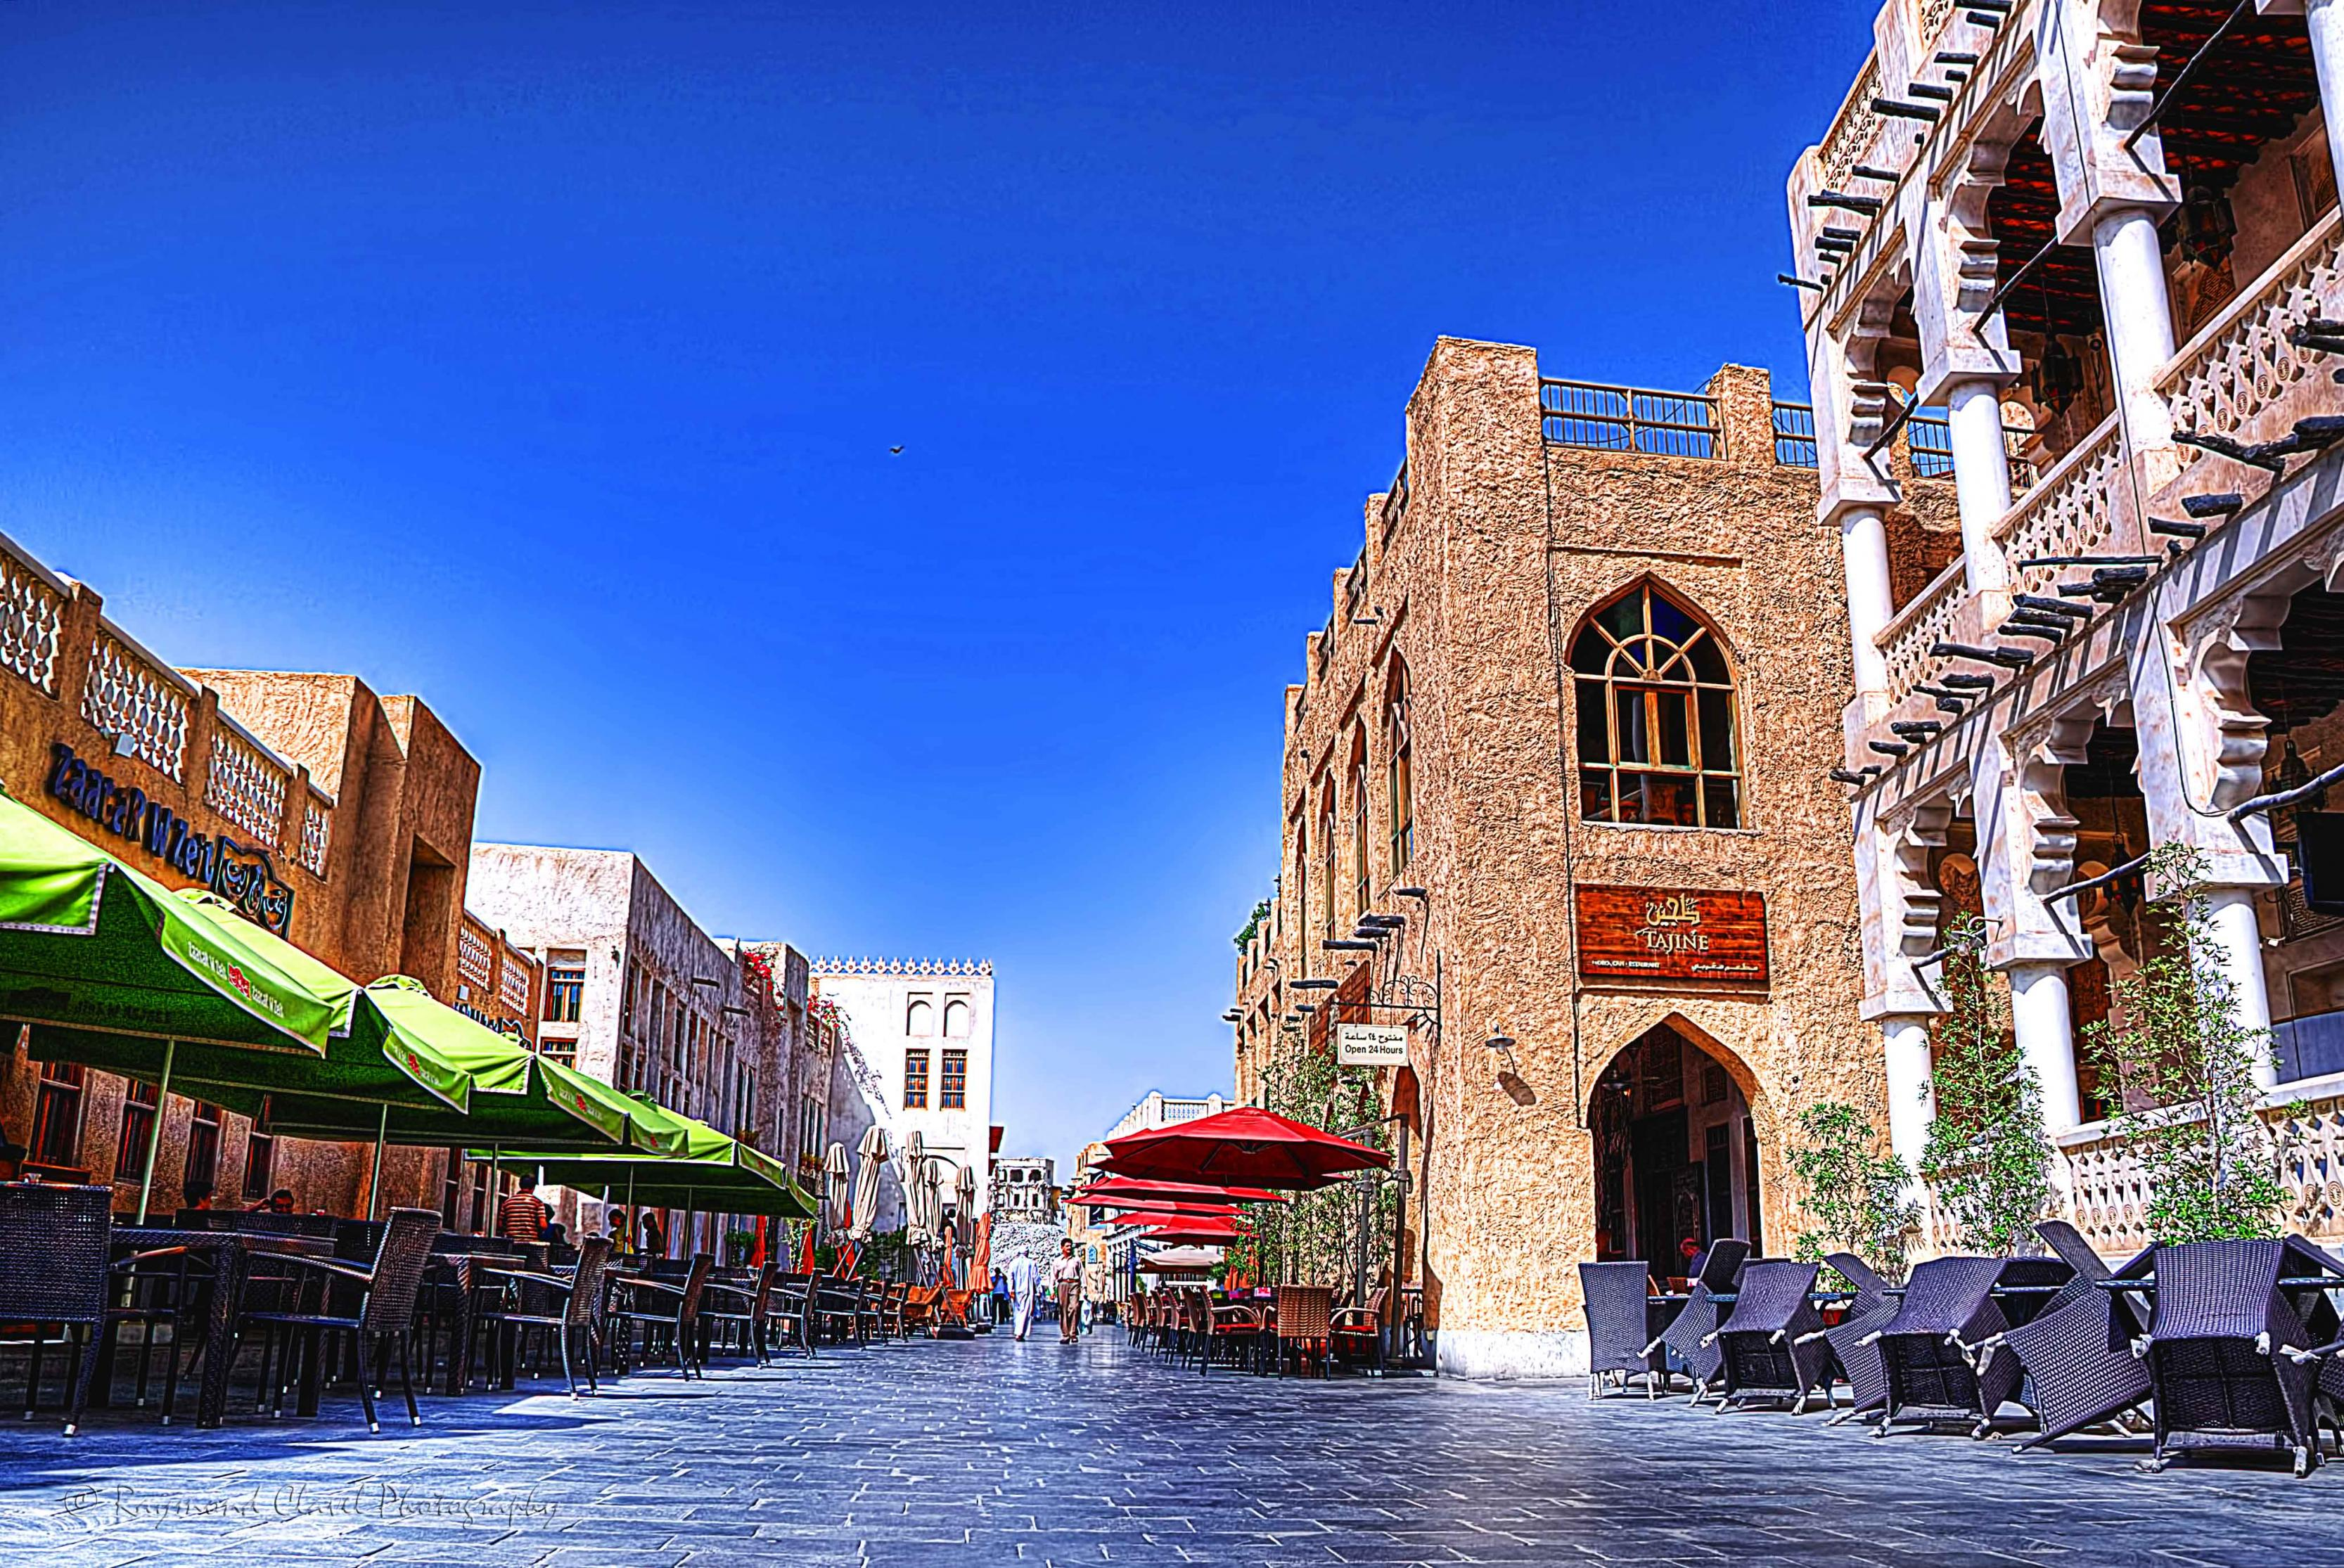 بالصور السياحة في قطر , اجمل المعالم السياحيه في قطر 5262 2